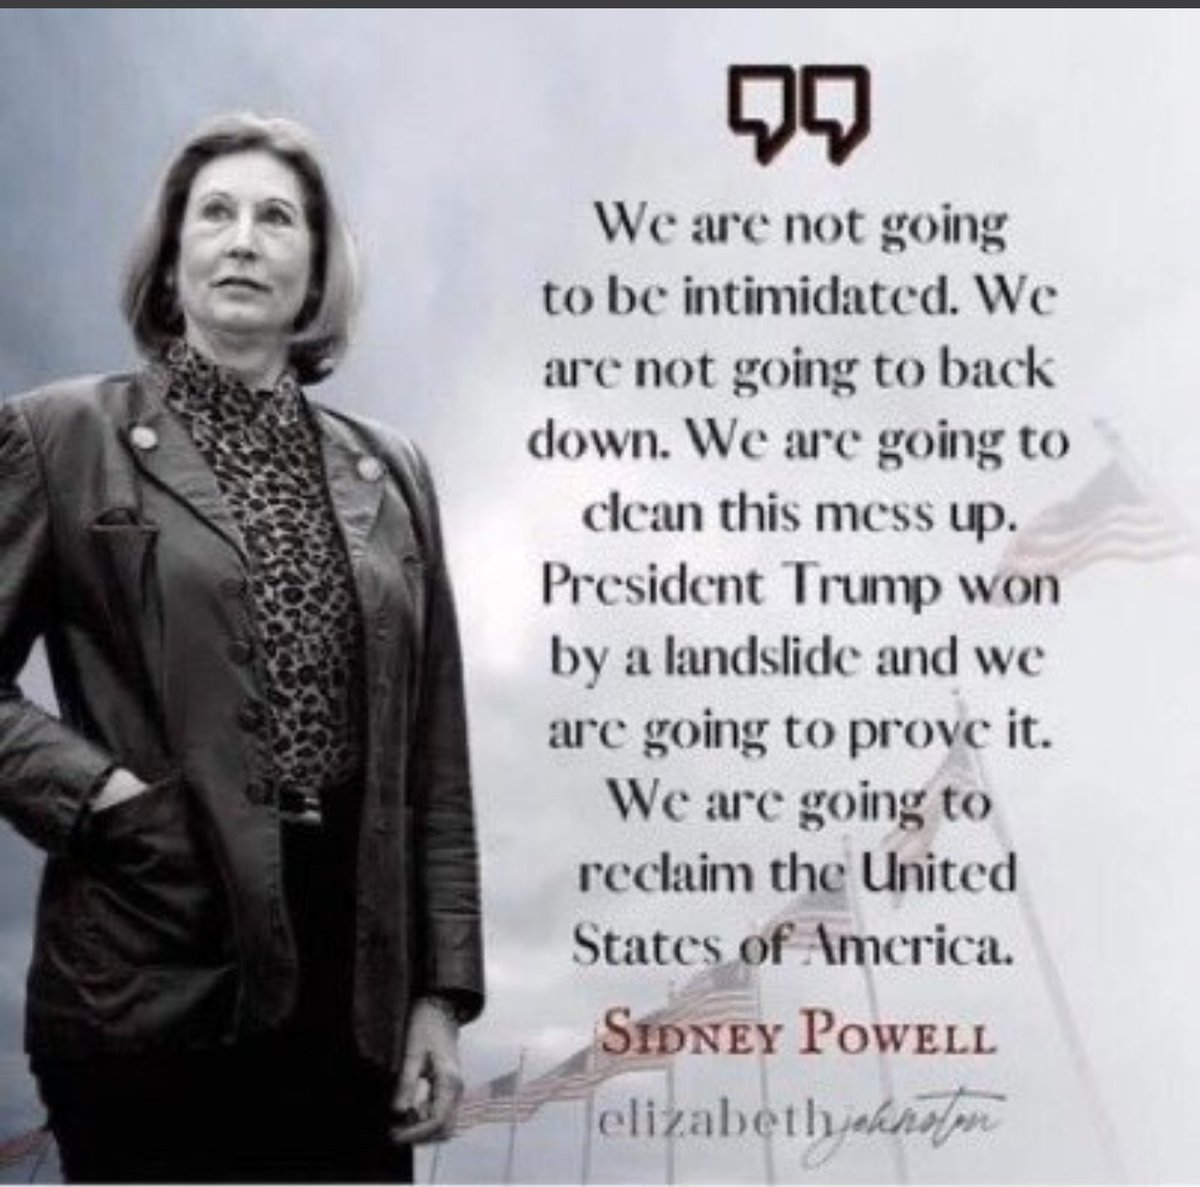 I thank God for sending Sidney Powell 💖🕊🇺🇸 https://t.co/pRCn8IlBOI